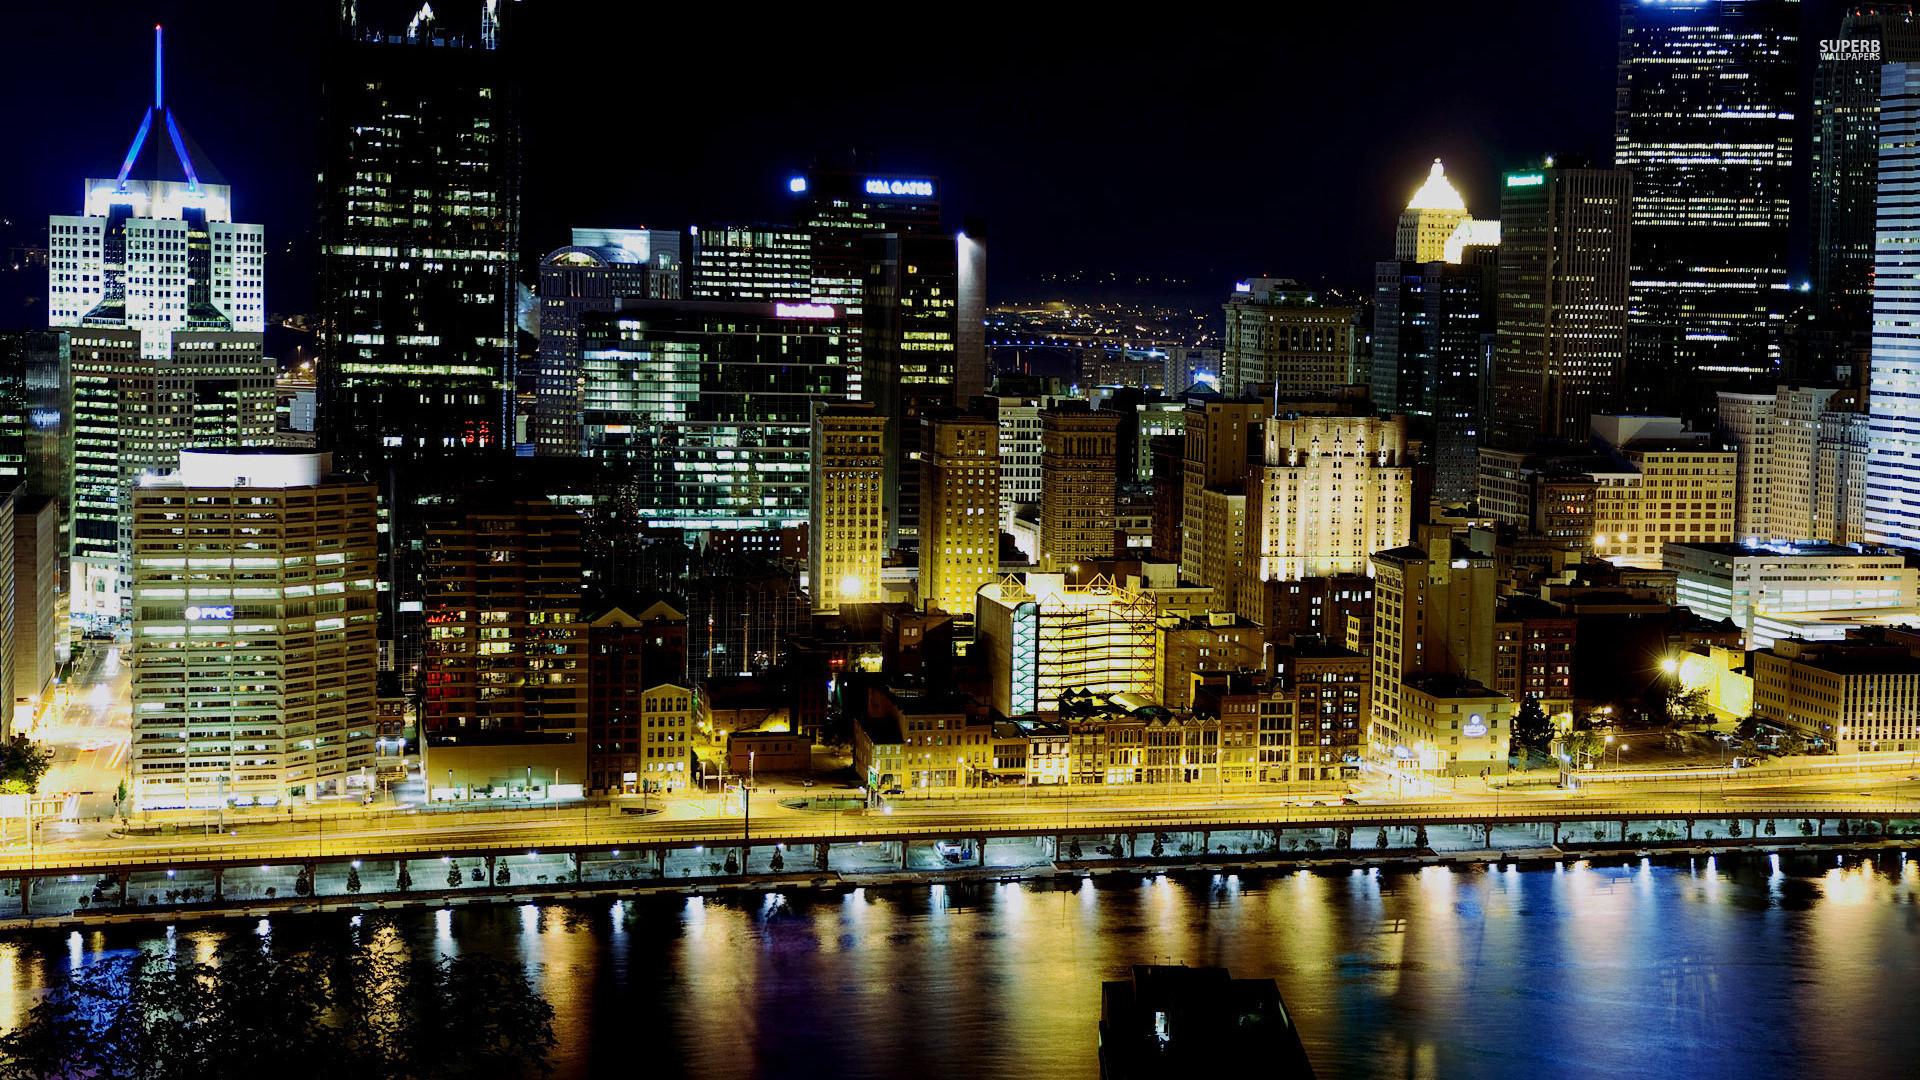 Pittsburgh HD, by Rene Dusek